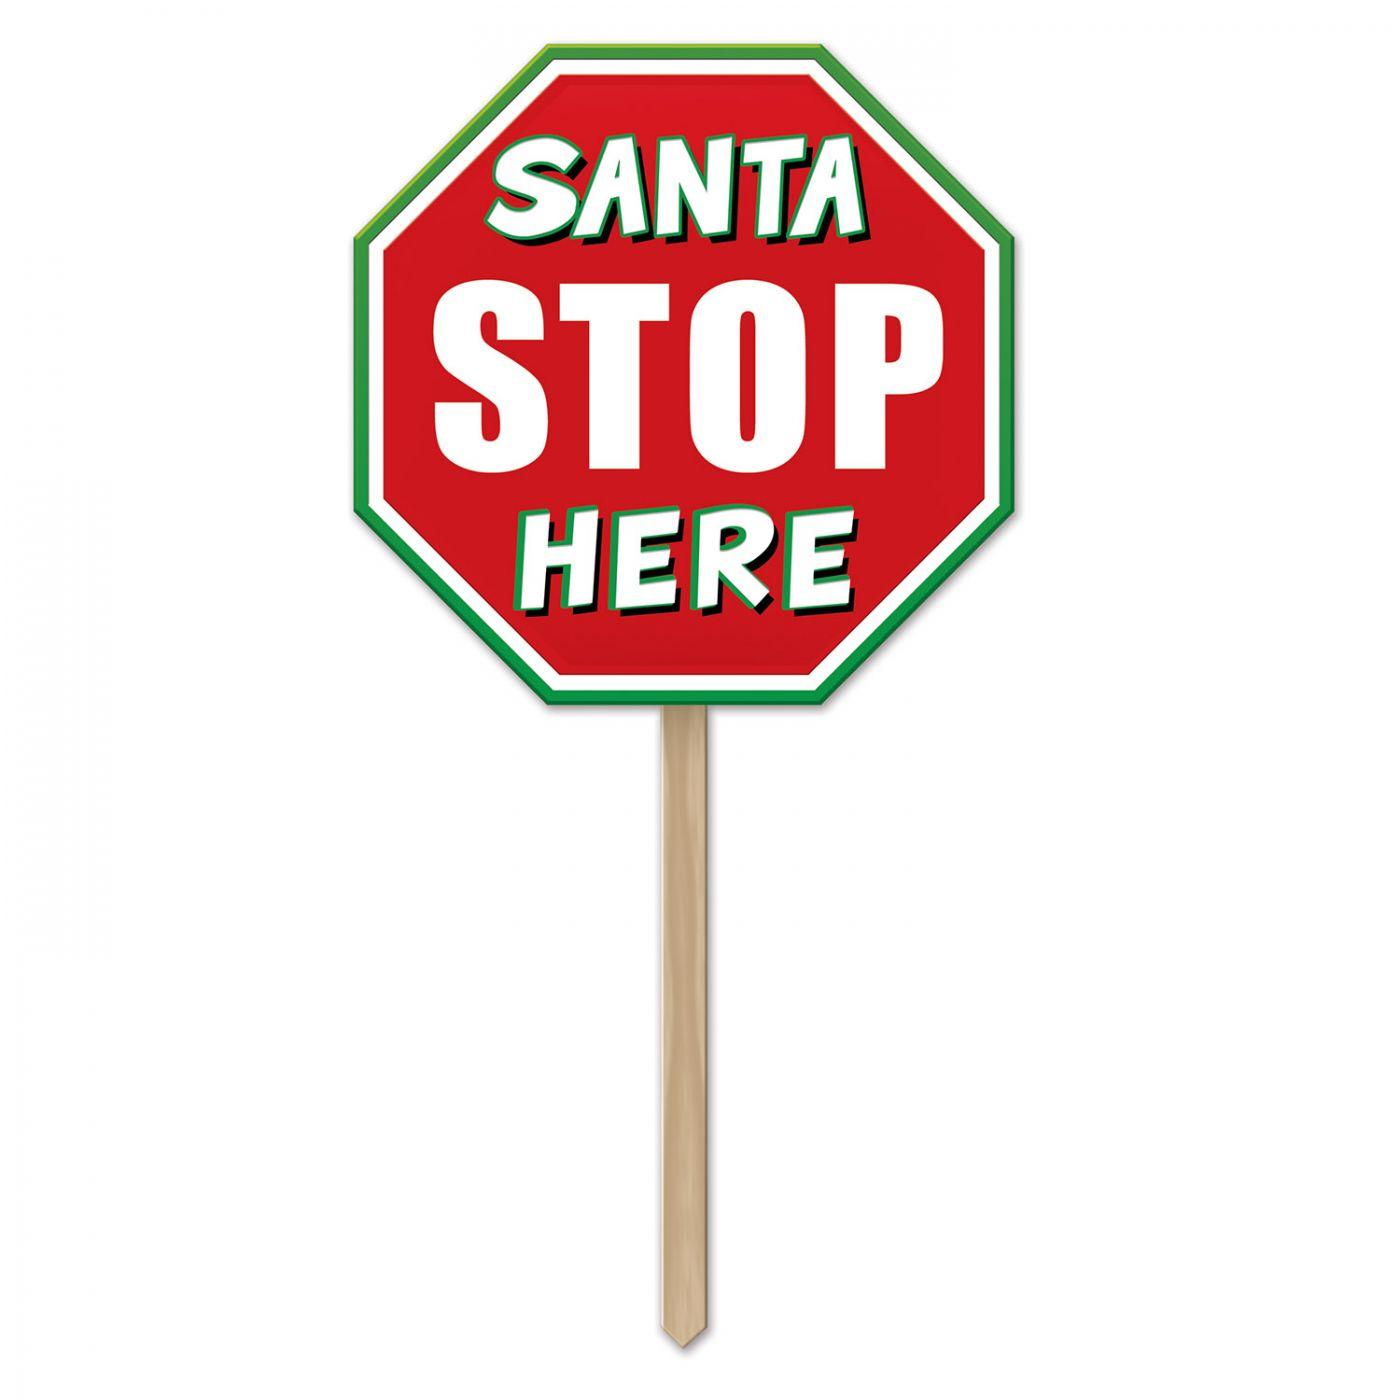 Plastic Santa Stop Here Yard Sign (6) image